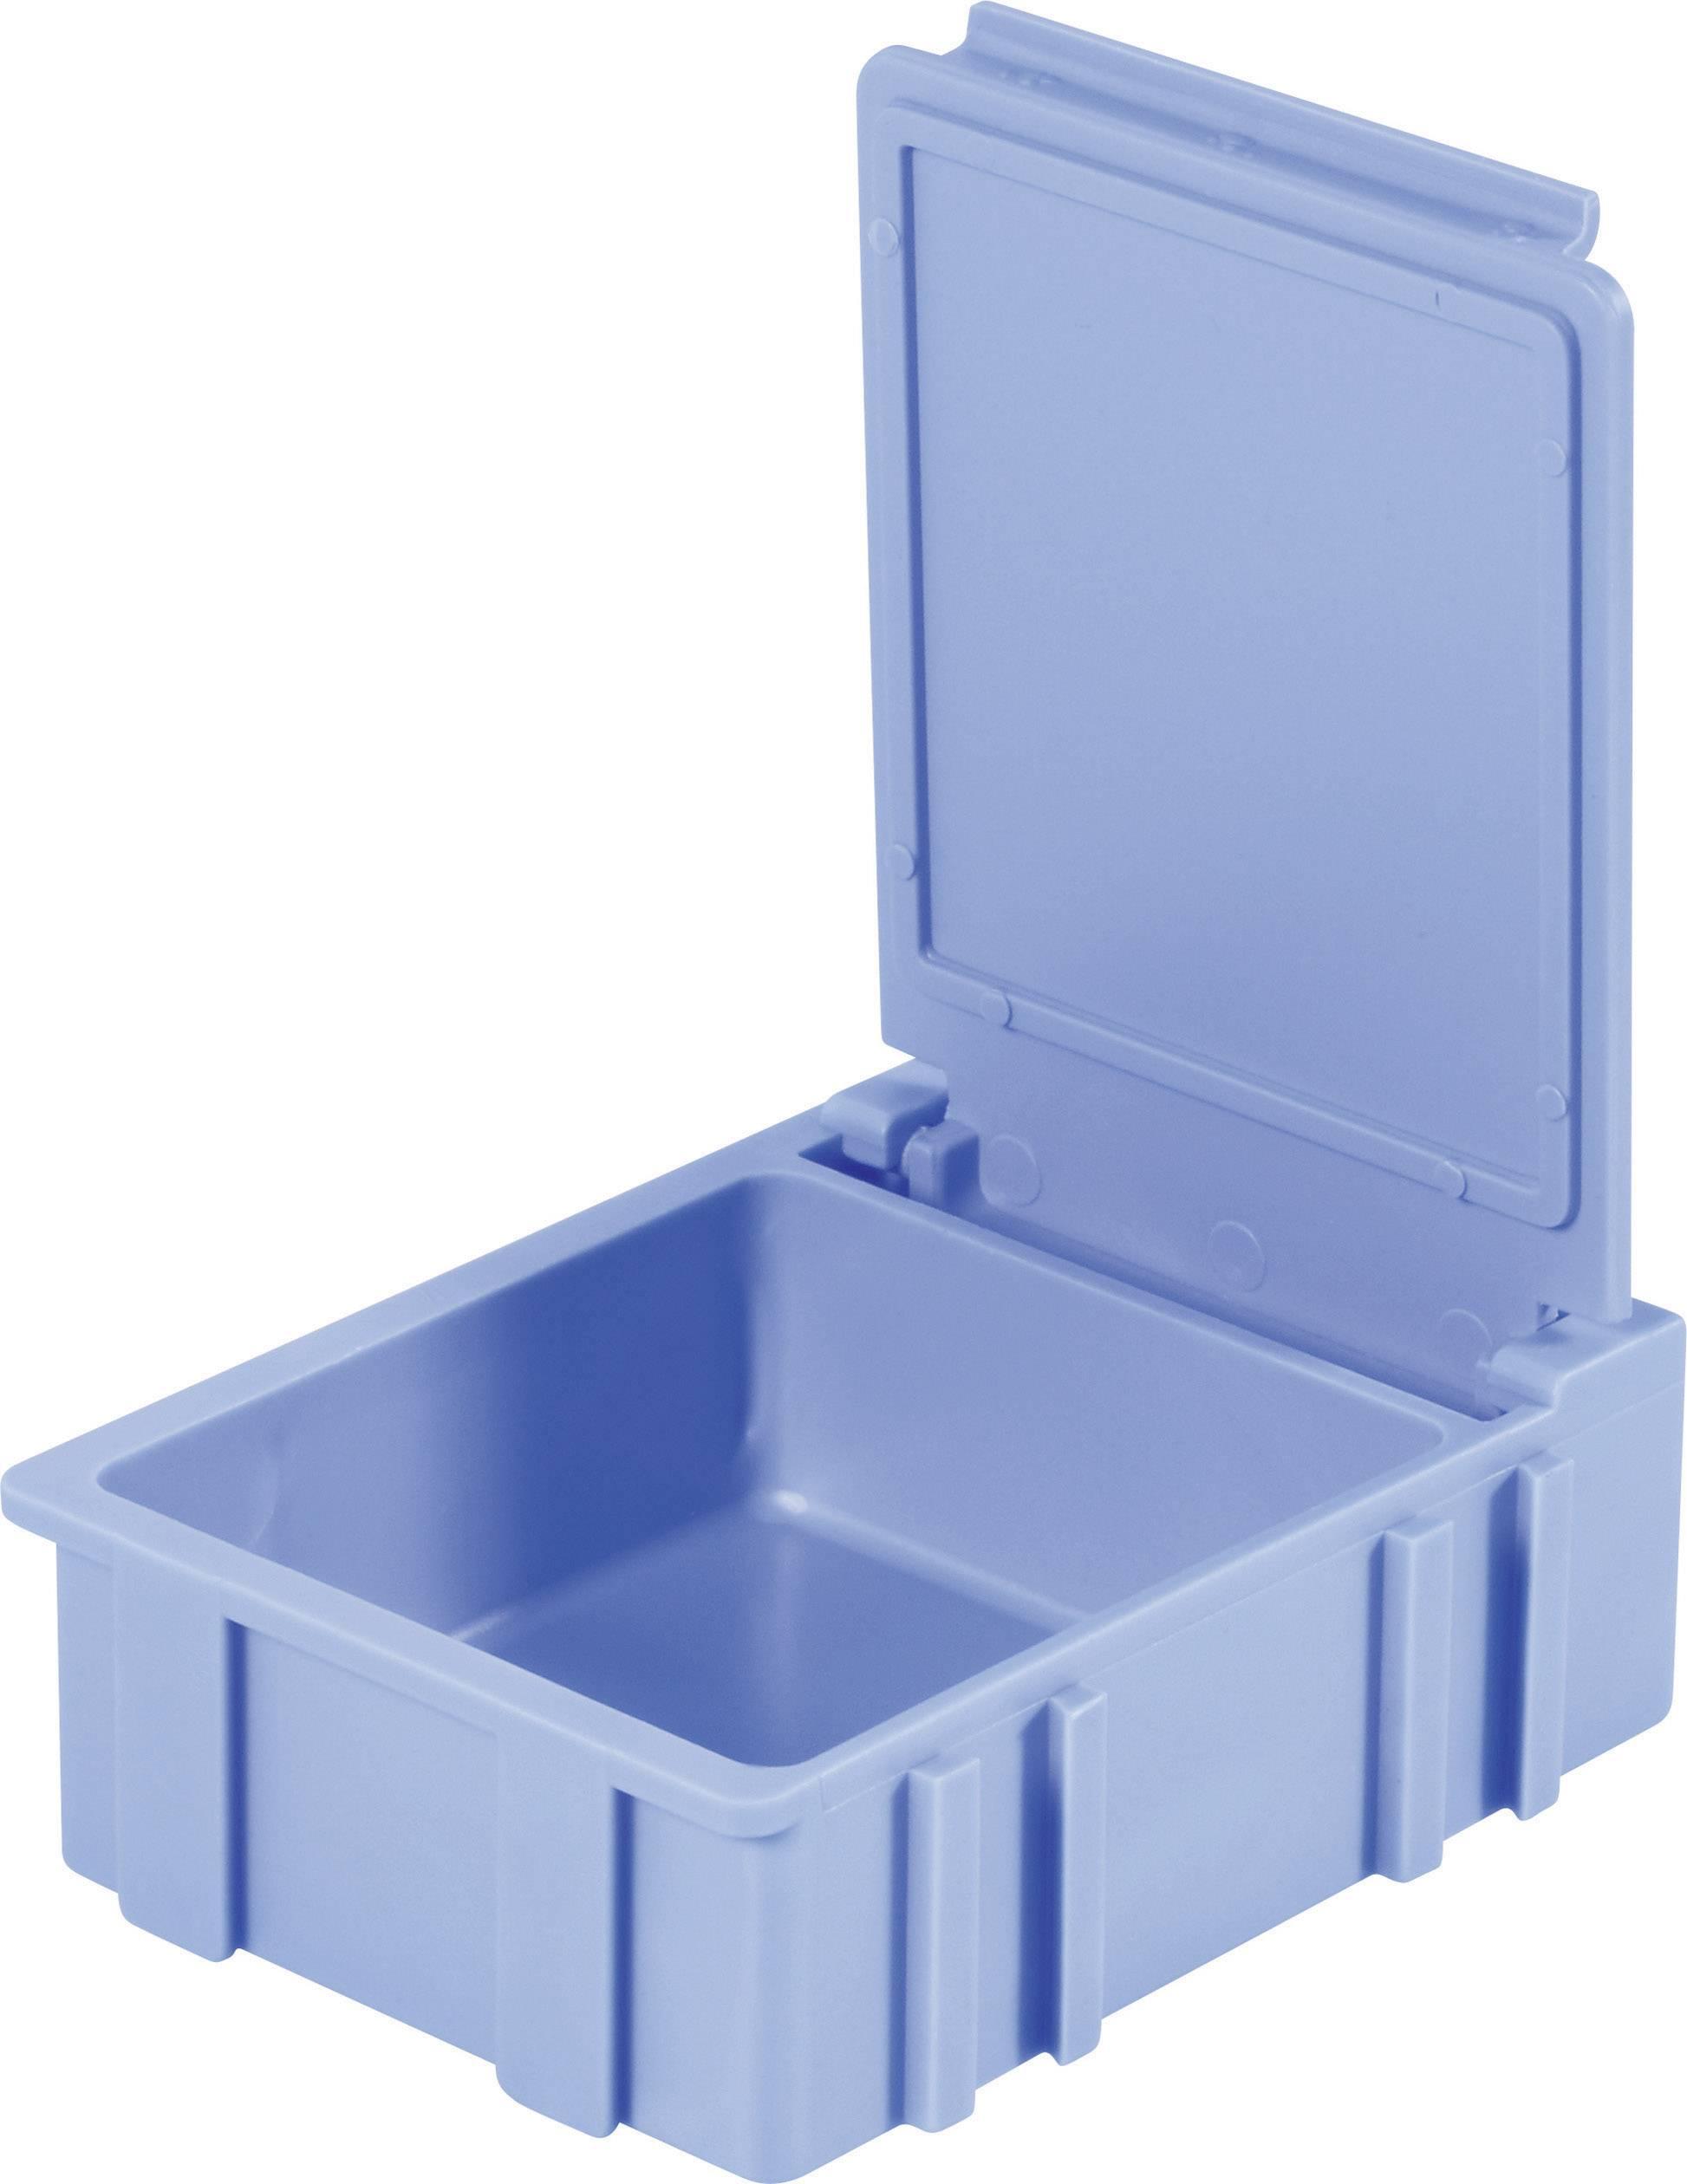 Box pro SMD součástky Licefa, N32222, 41 x 37 x 15 mm, bílá